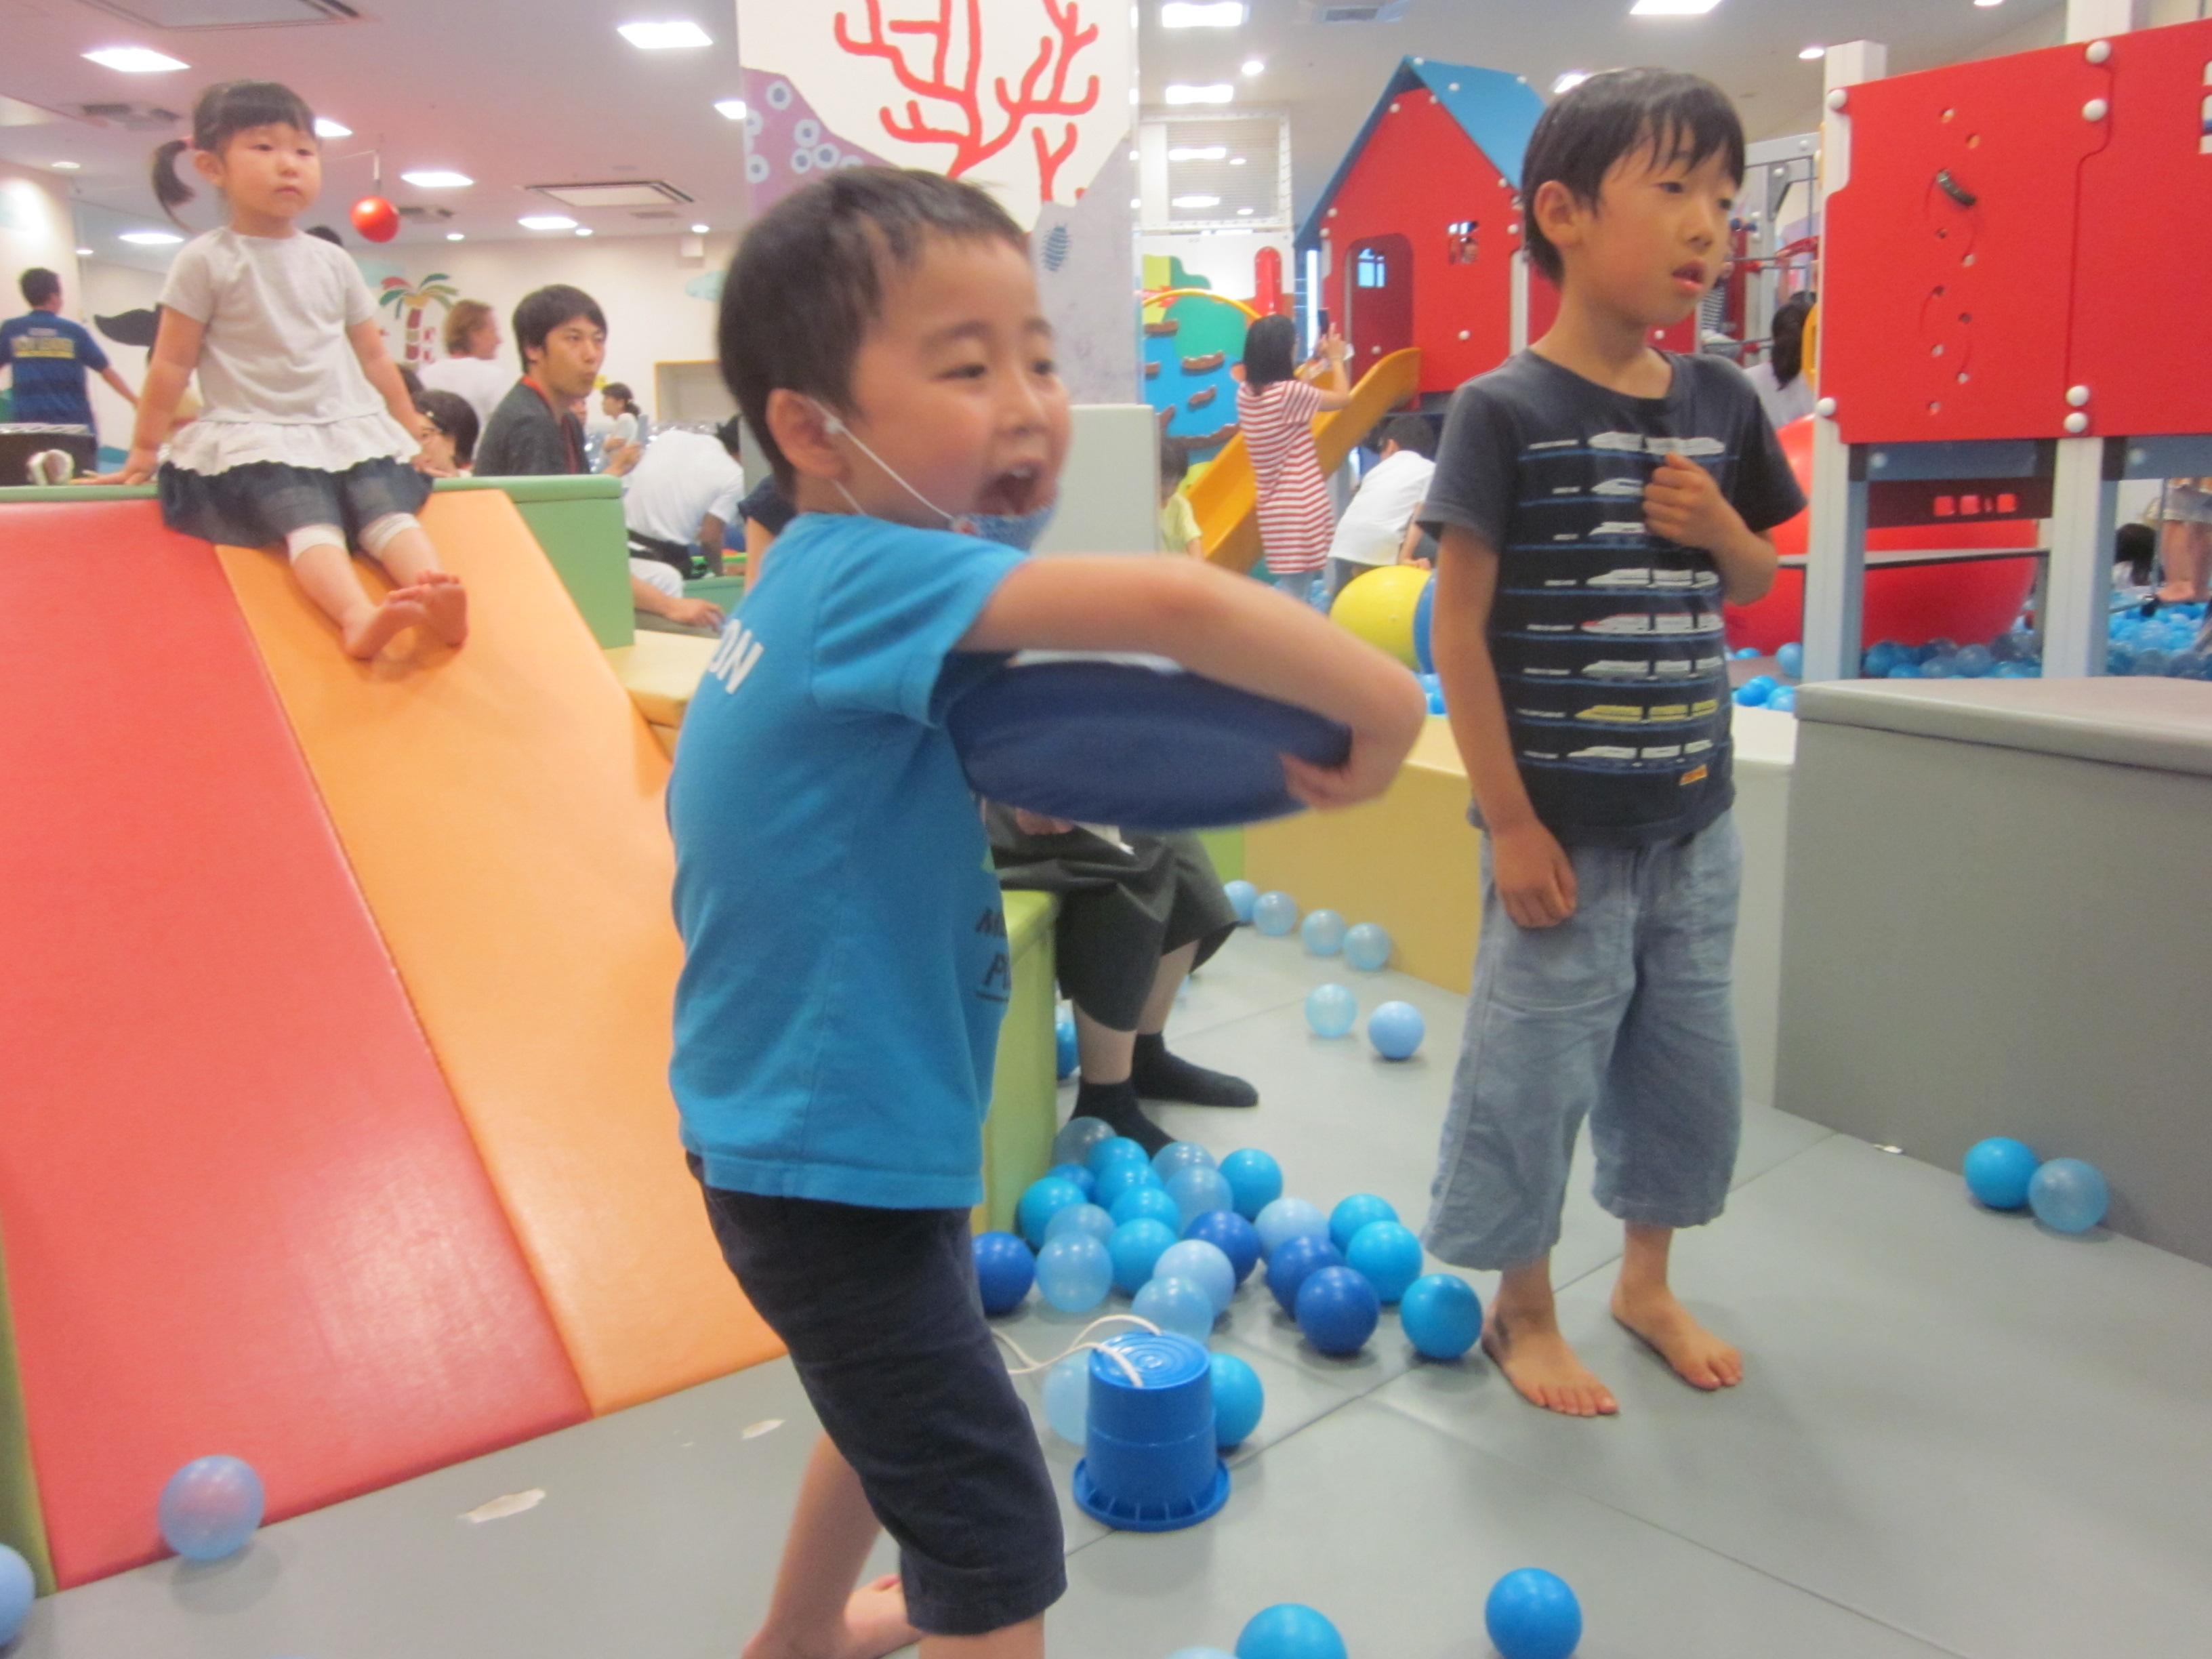 【土曜開催】パパと一緒に遊ぼう!「親子でソーサーゲーム!」